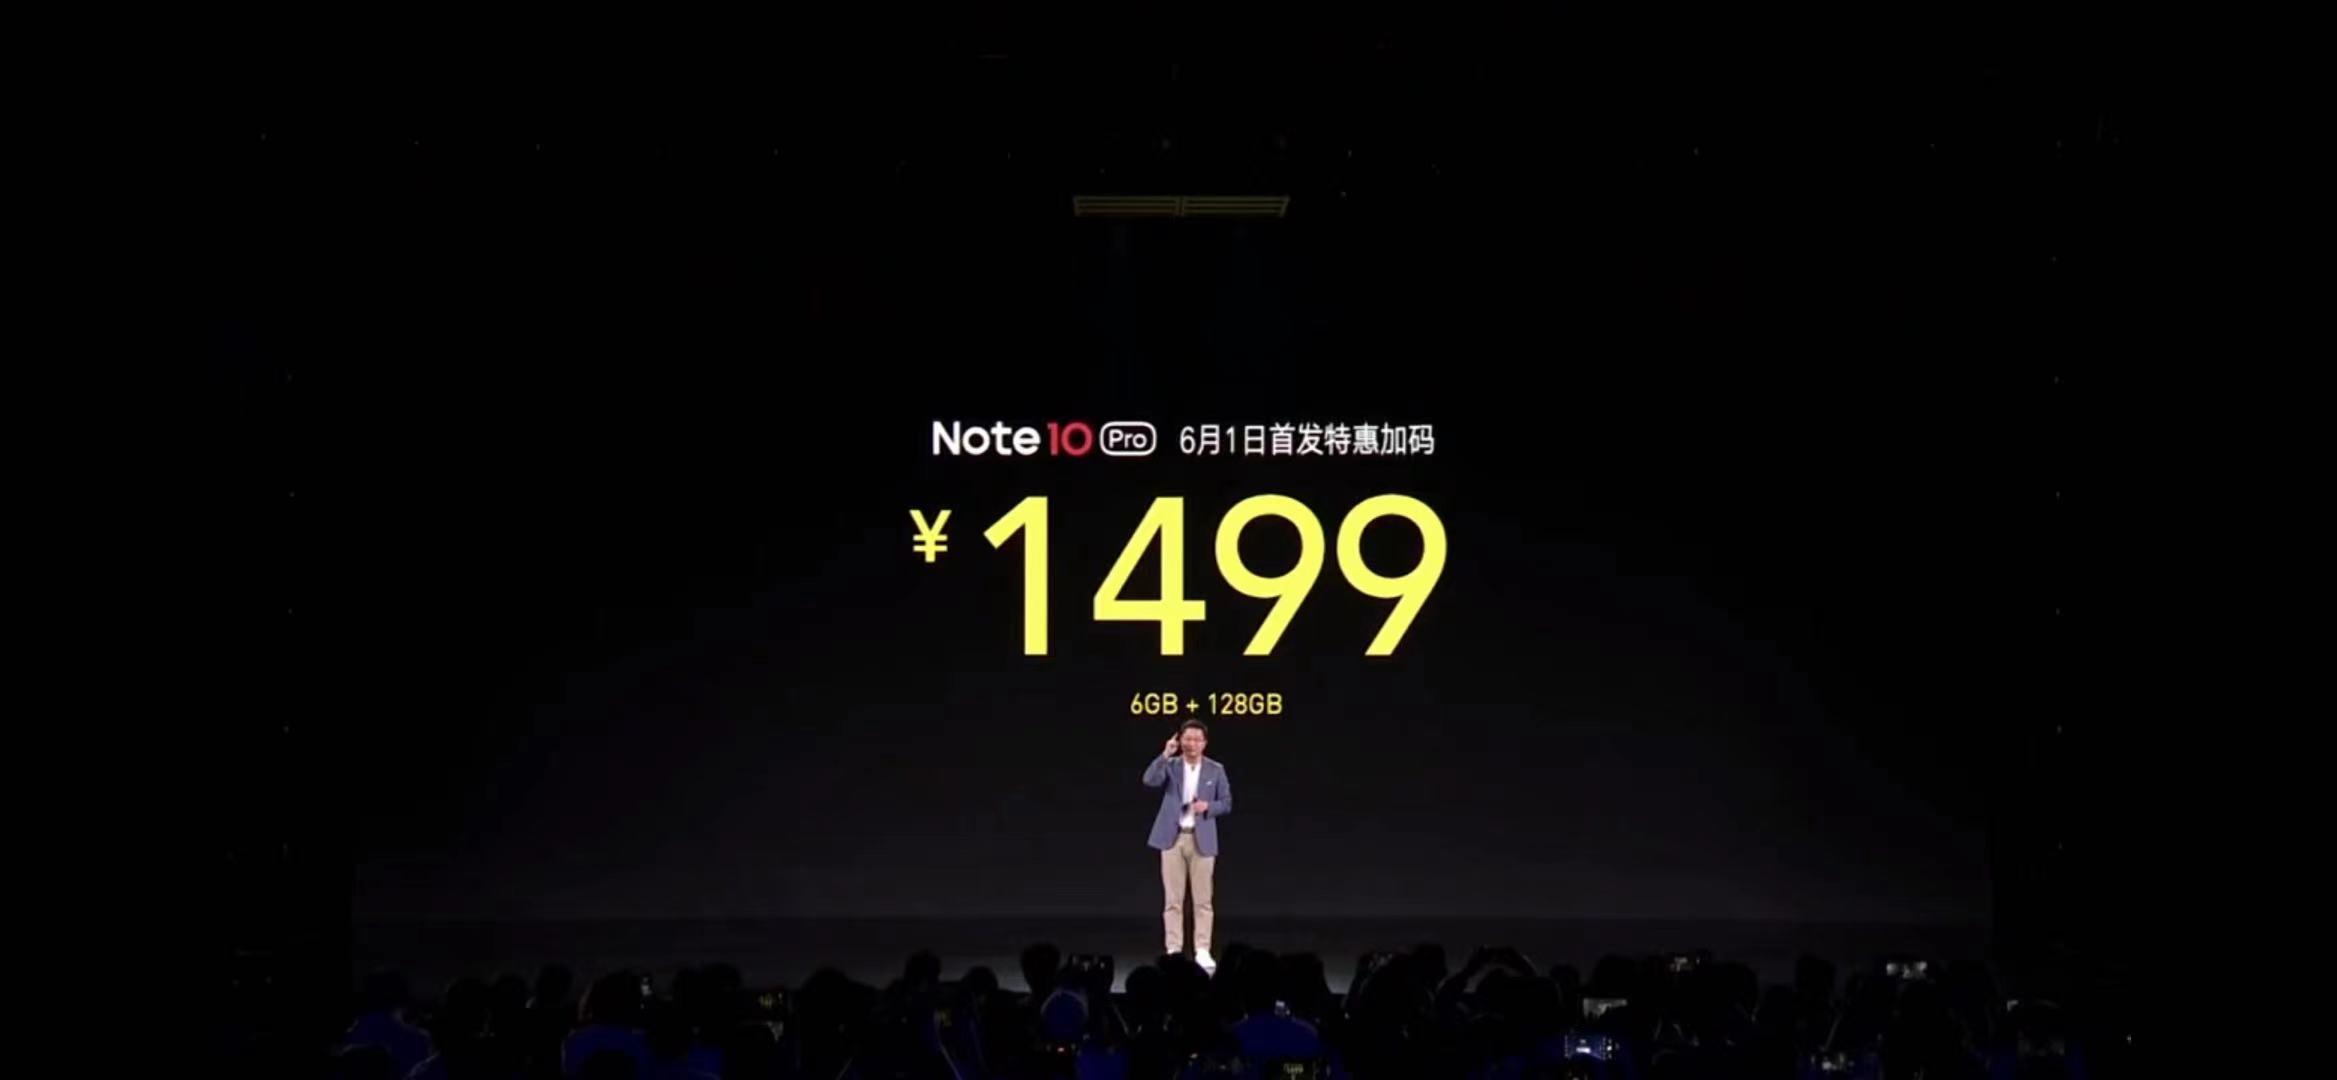 Redmi发最强Note 搭载天玑1100价格触底仅1499